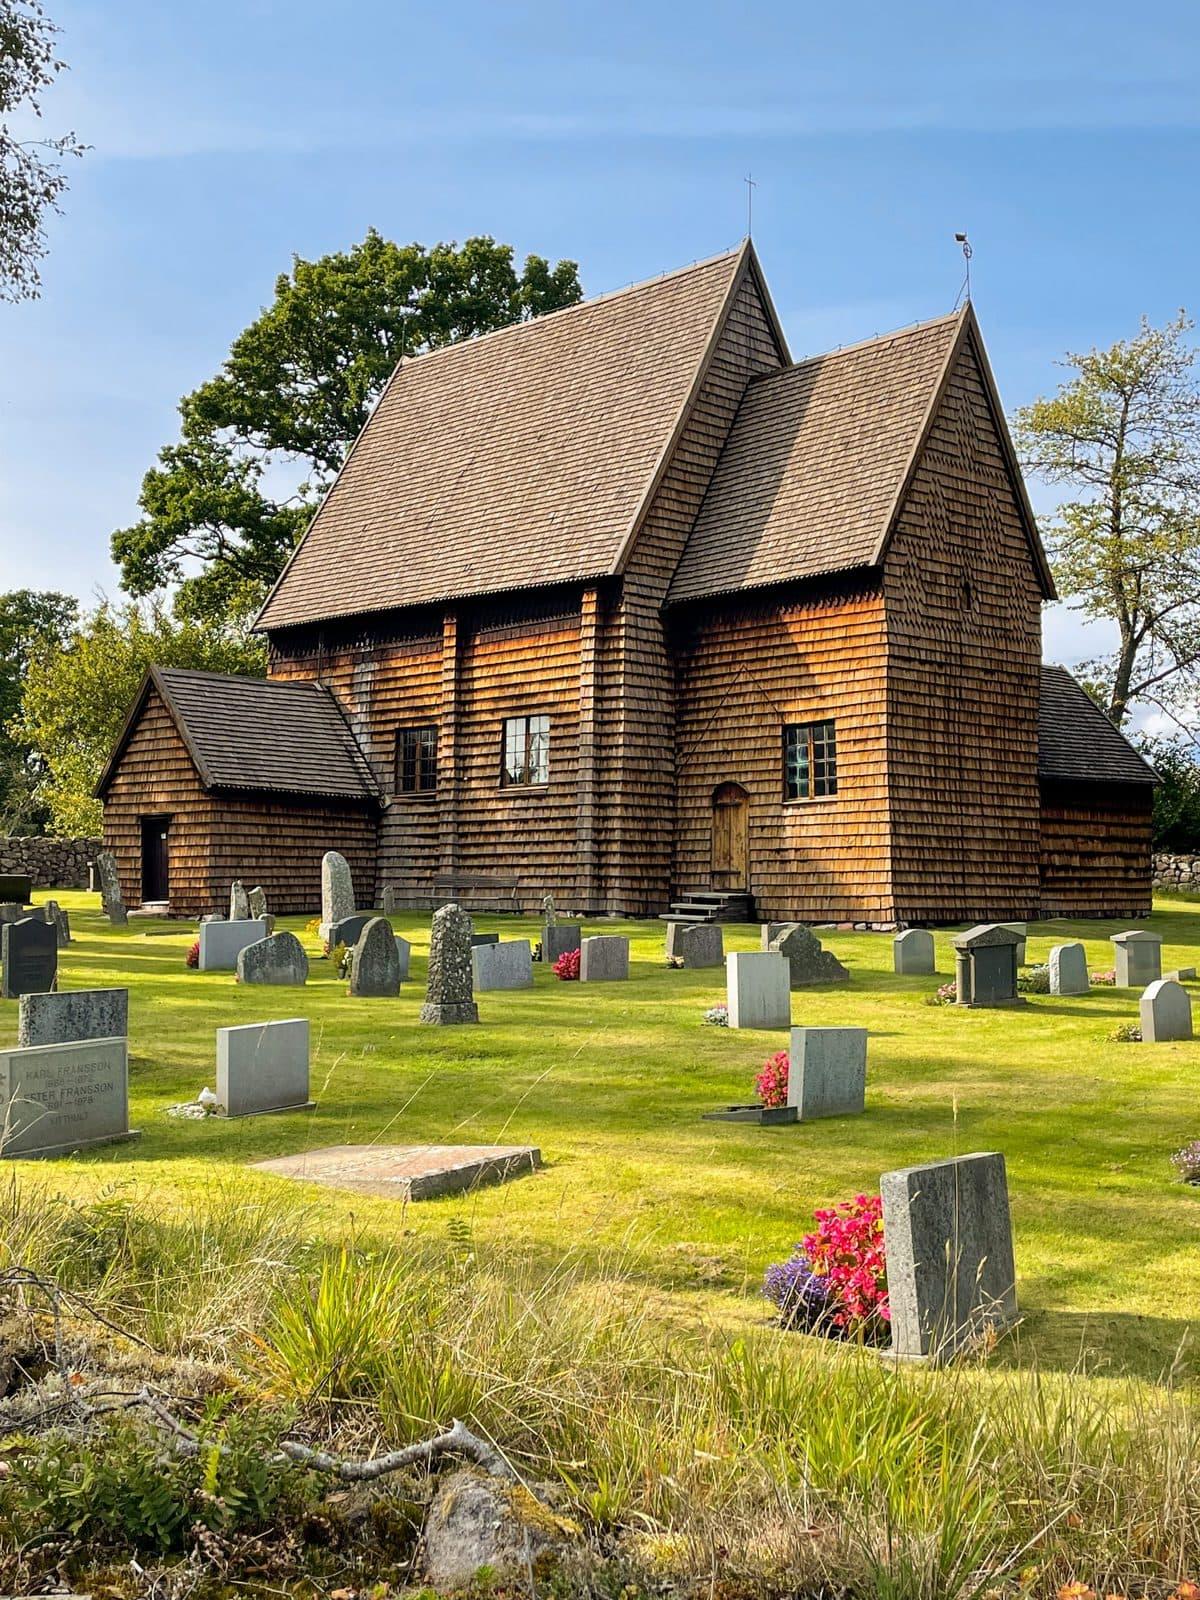 Granhults kyrka